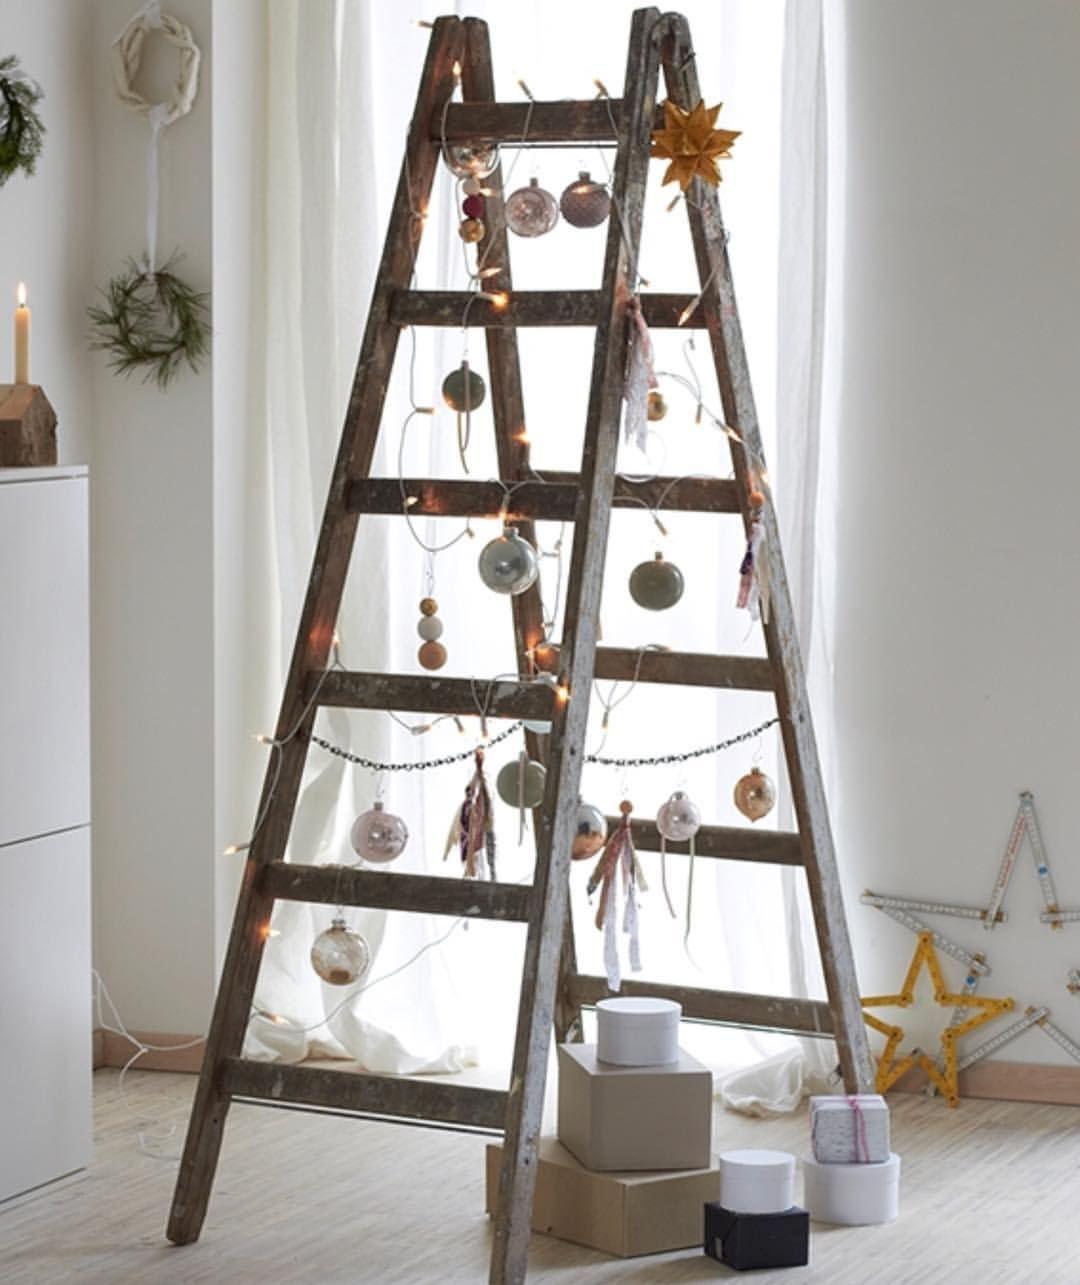 """Gefällt 54 Mal, 5 Kommentare - Wohnglück (@wohnglueckmagazin) auf Instagram: """"Wenn Ihr Weihnachten auf der Baustelle verbringt, macht es doch einfach mit einem Leiter-Tannenbaum…"""" #leiterdekoweihnachten"""